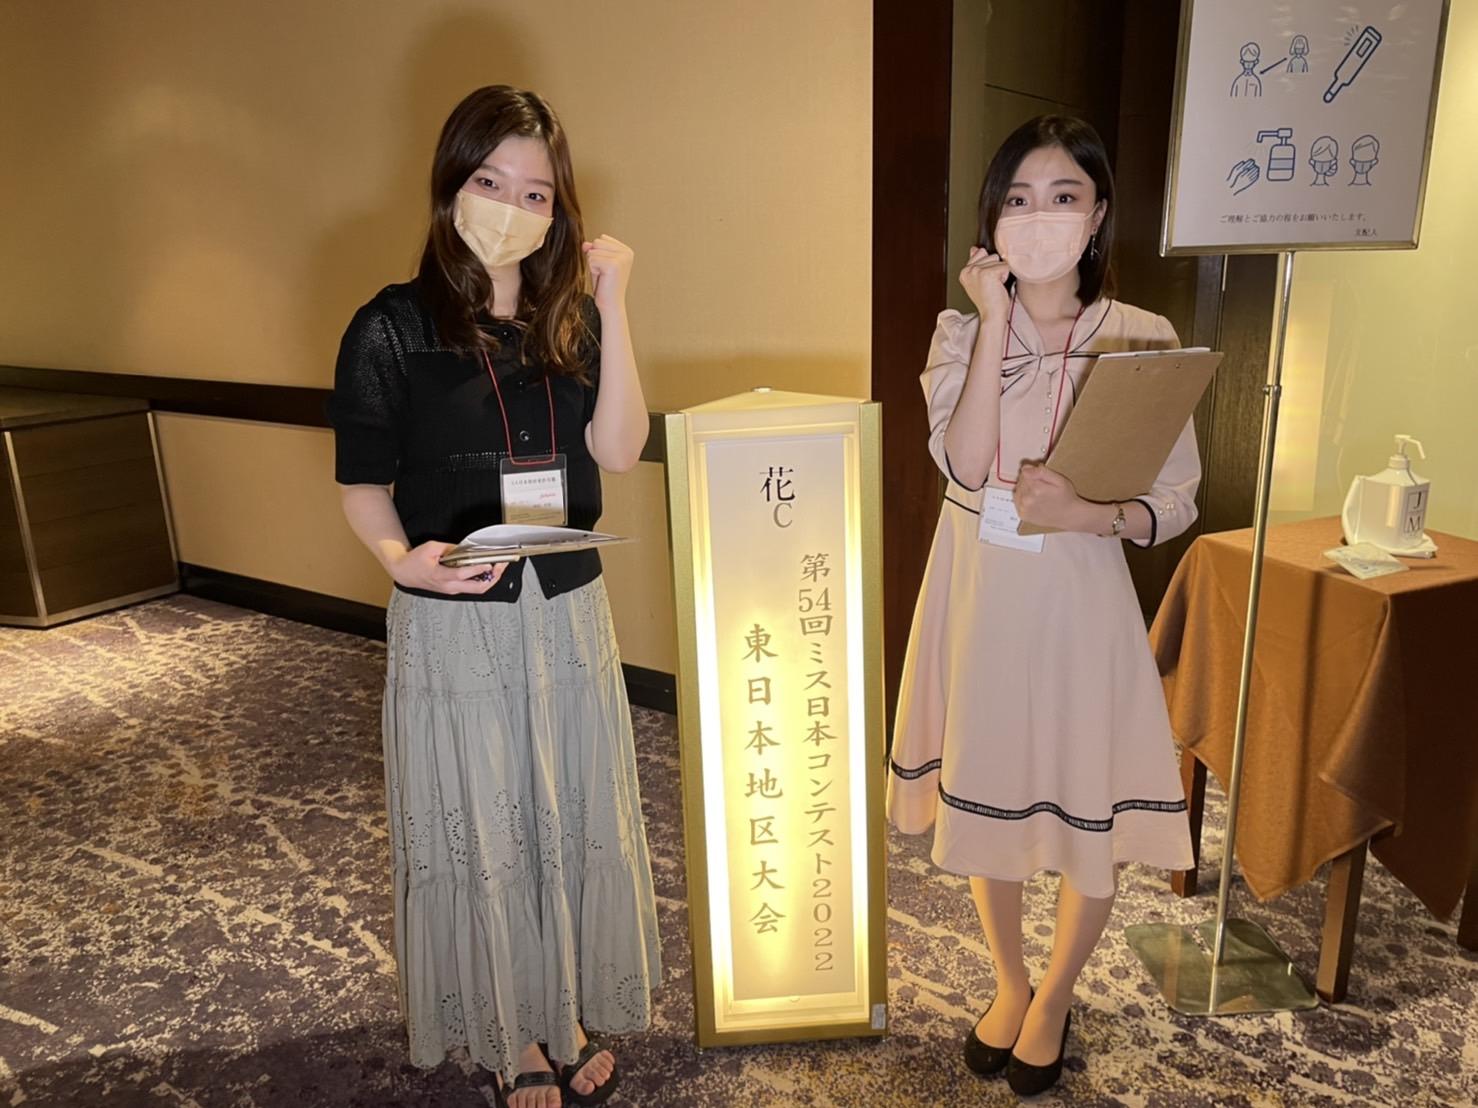 岸田莉香(中央大学2年)、梅田陽菜(慶応義塾大学2年)リポーター